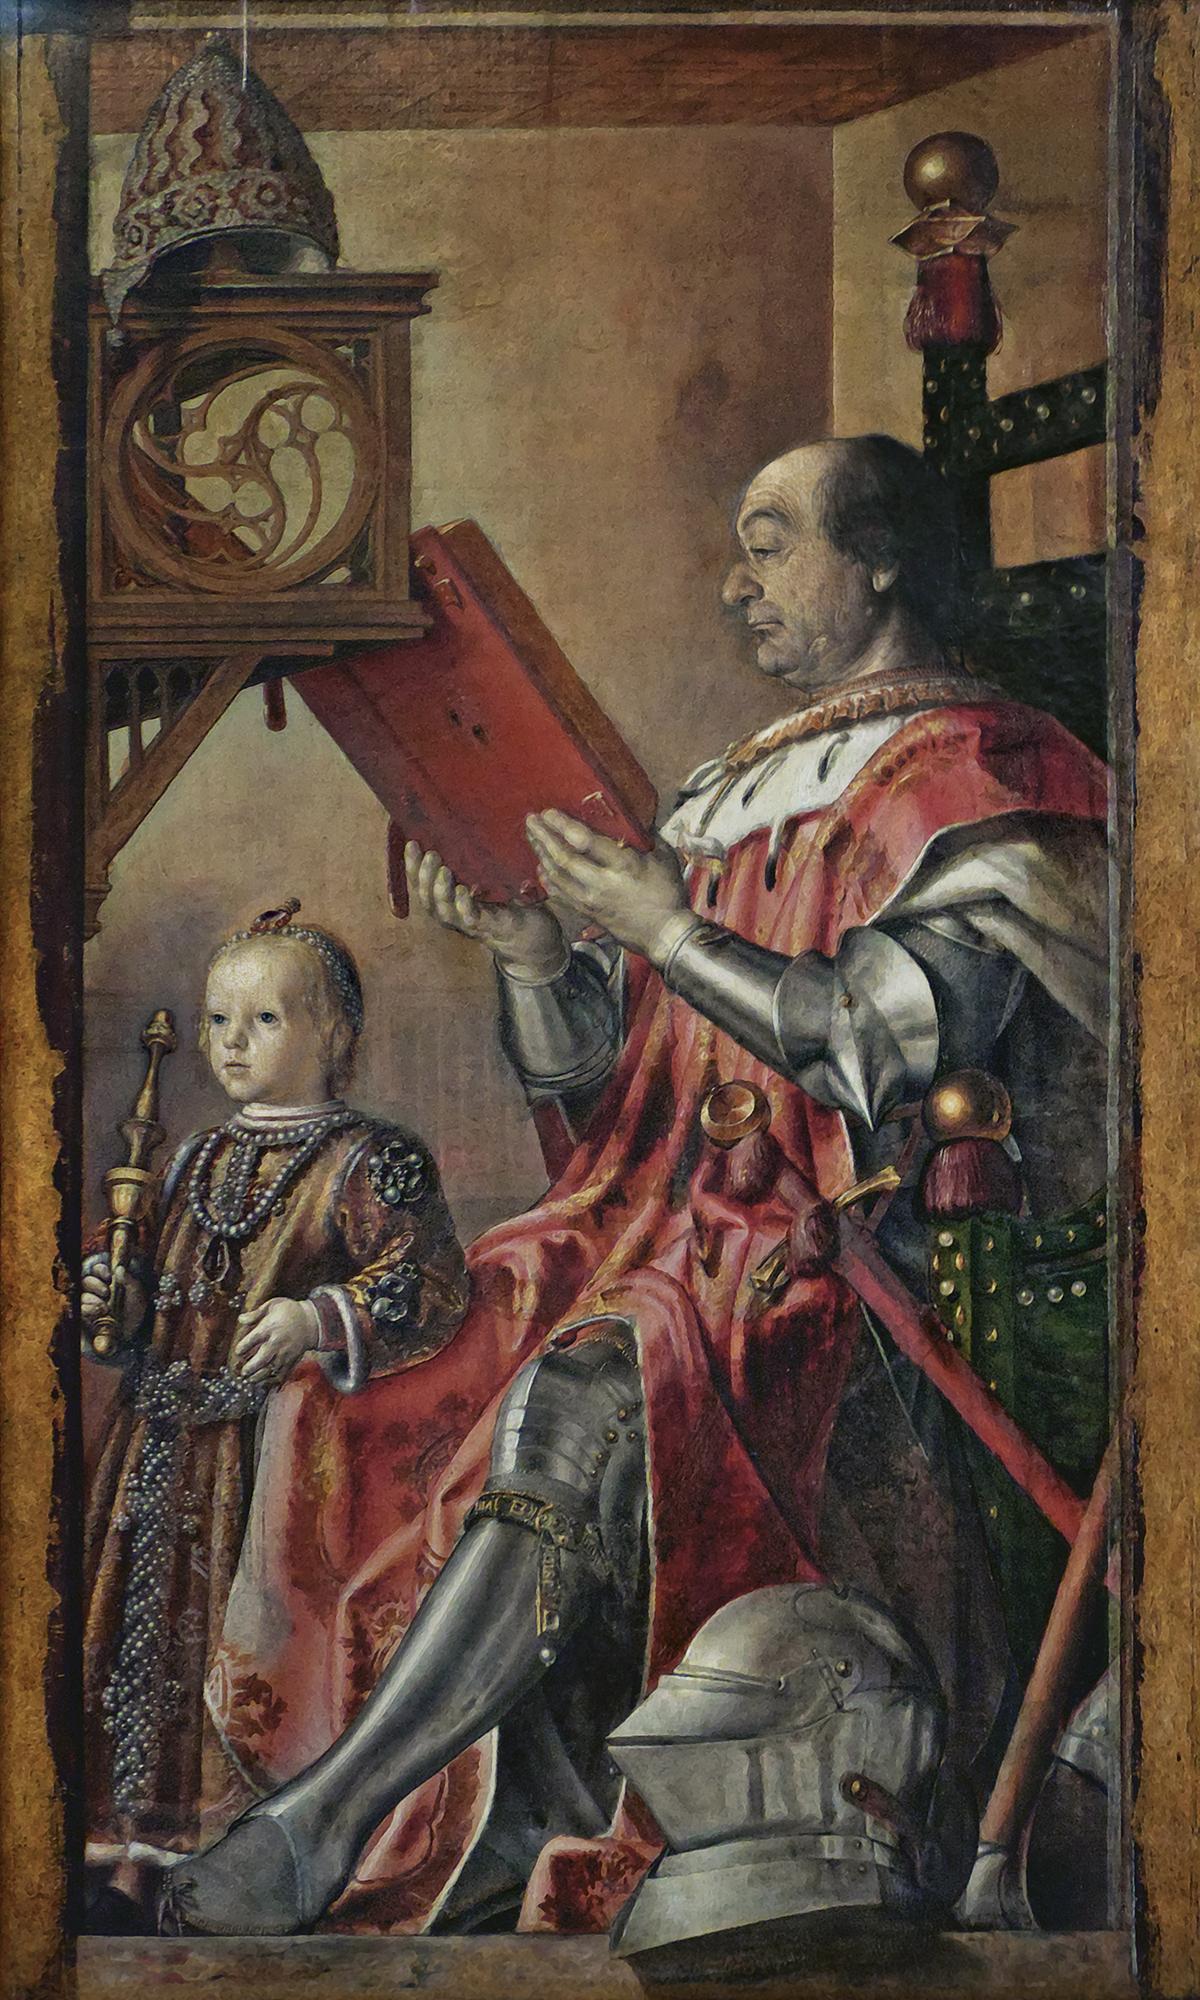 Portrait de Federico da Montefeltro et de son fils Guidobaldo, (1474-1477, conservé à la Galleria Nazionale delle Marche (Palais d'Urbino, Urbino)